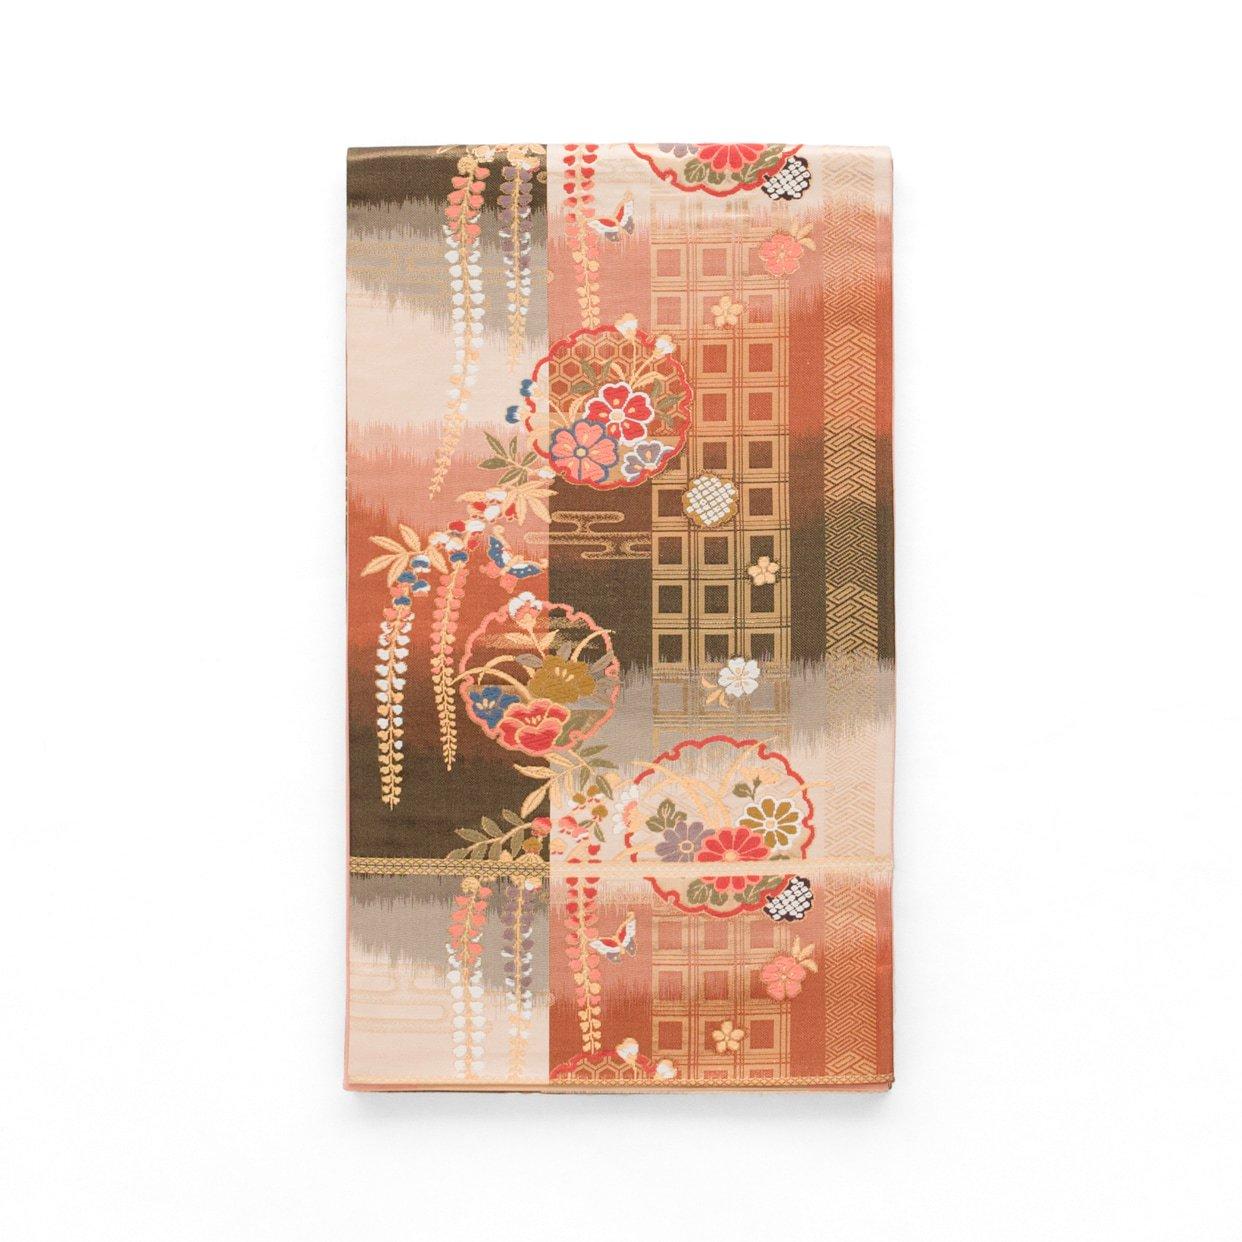 「袋帯●雪輪に桜 菊 藤など」の商品画像